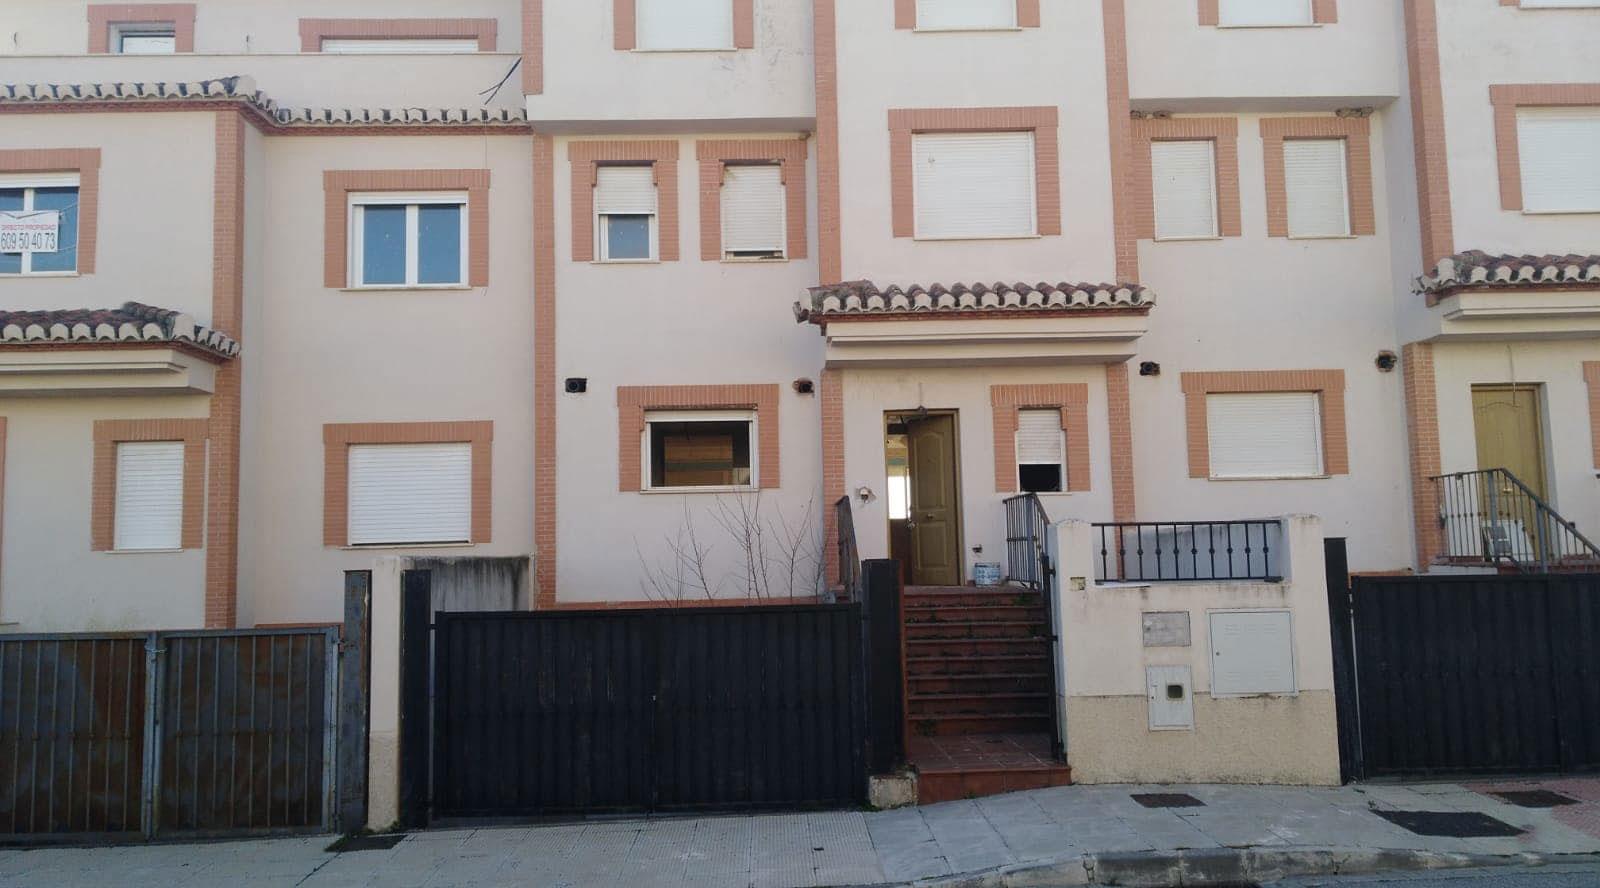 Casa en venta en Urbanización Señorío del Cubillas, Atarfe, Granada, Calle Ernesto Sabato, 208.900 €, 5 habitaciones, 3 baños, 526 m2